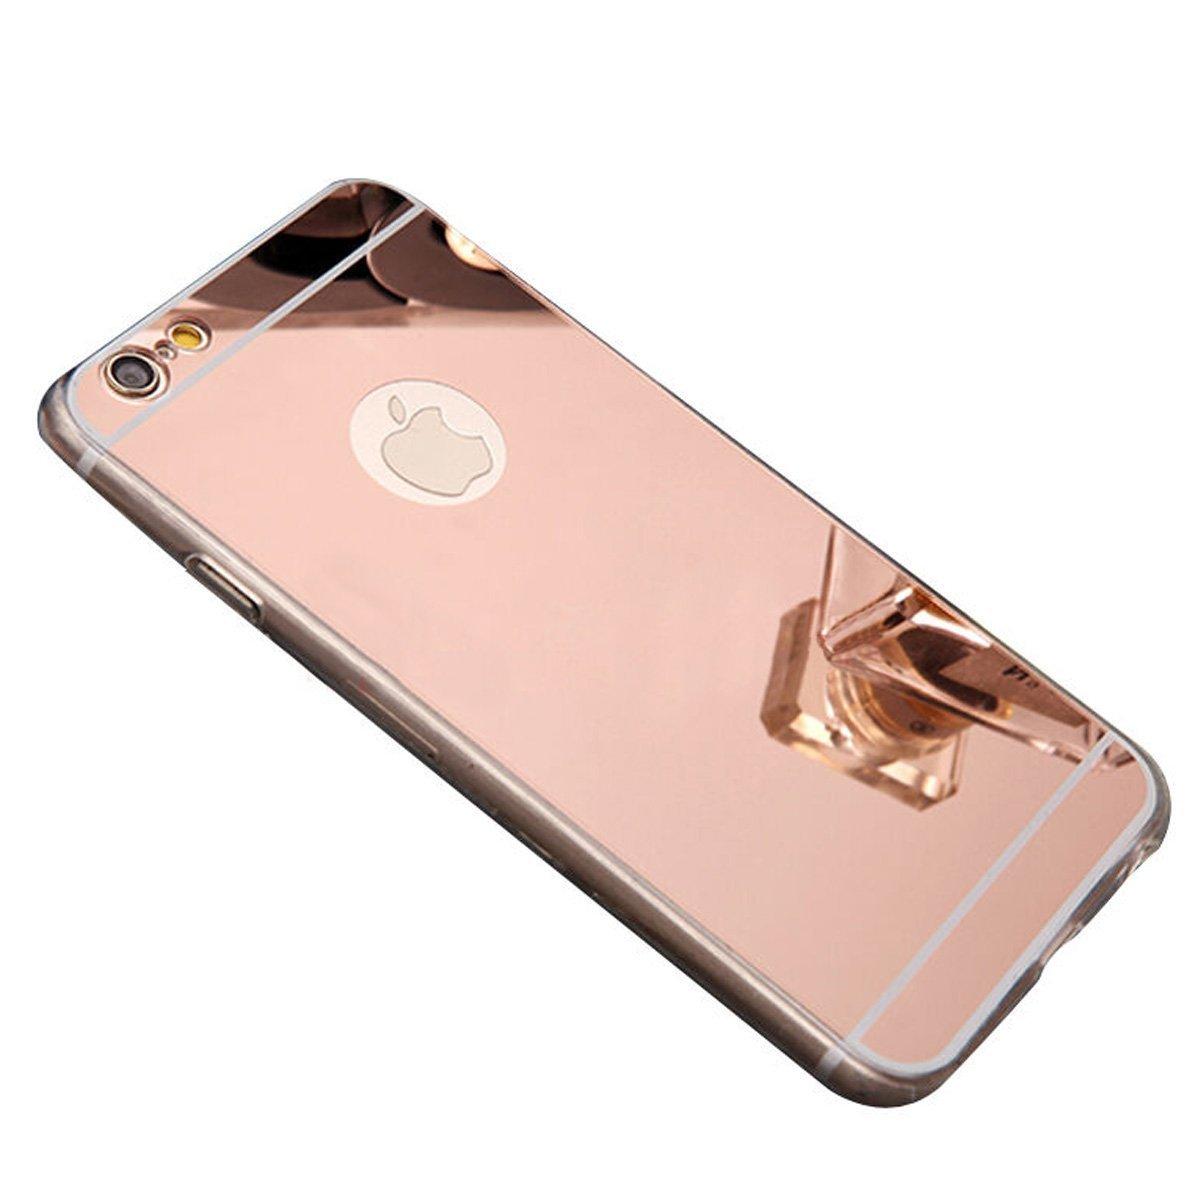 Zrcadlový kryt My Mirror pro iPhone 6s / 6 - Růžově zlatý (rose gold)